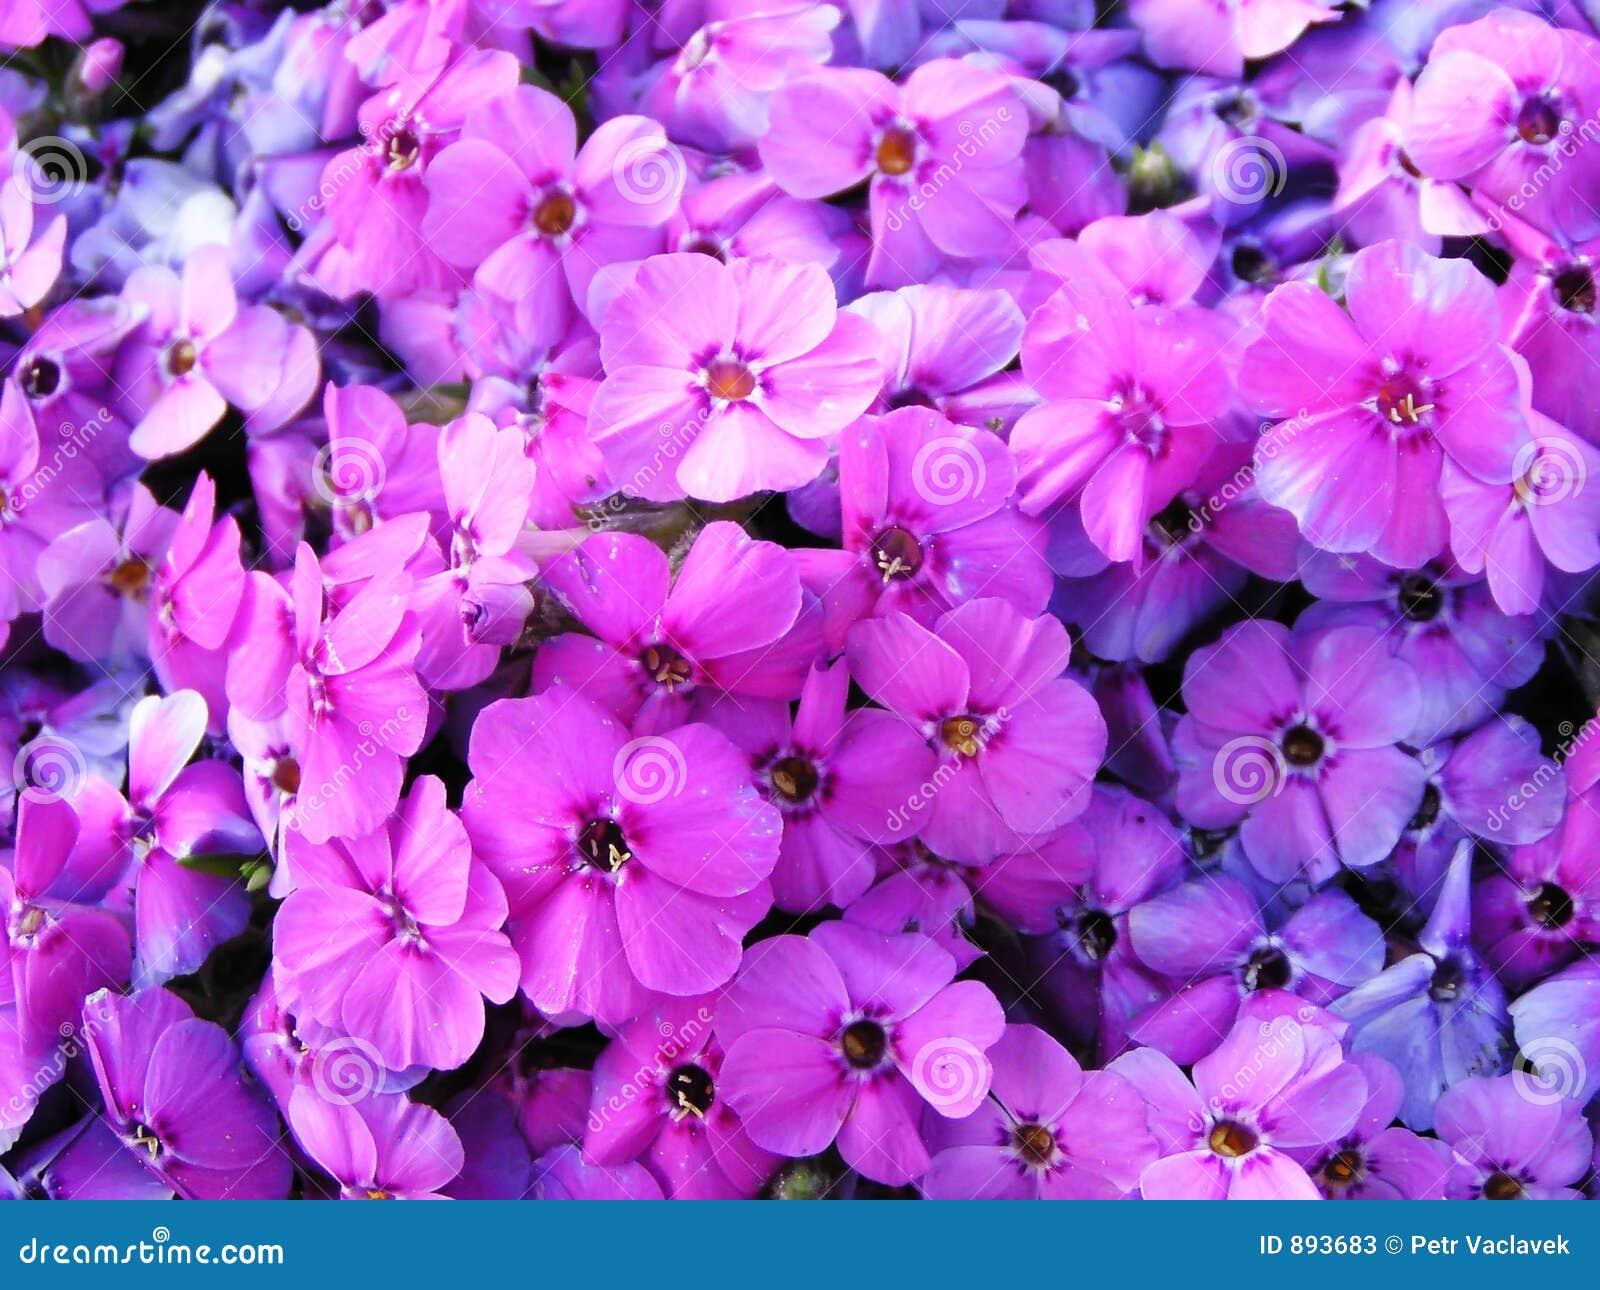 Kwiaty były pełne podobieństwo fioletowe